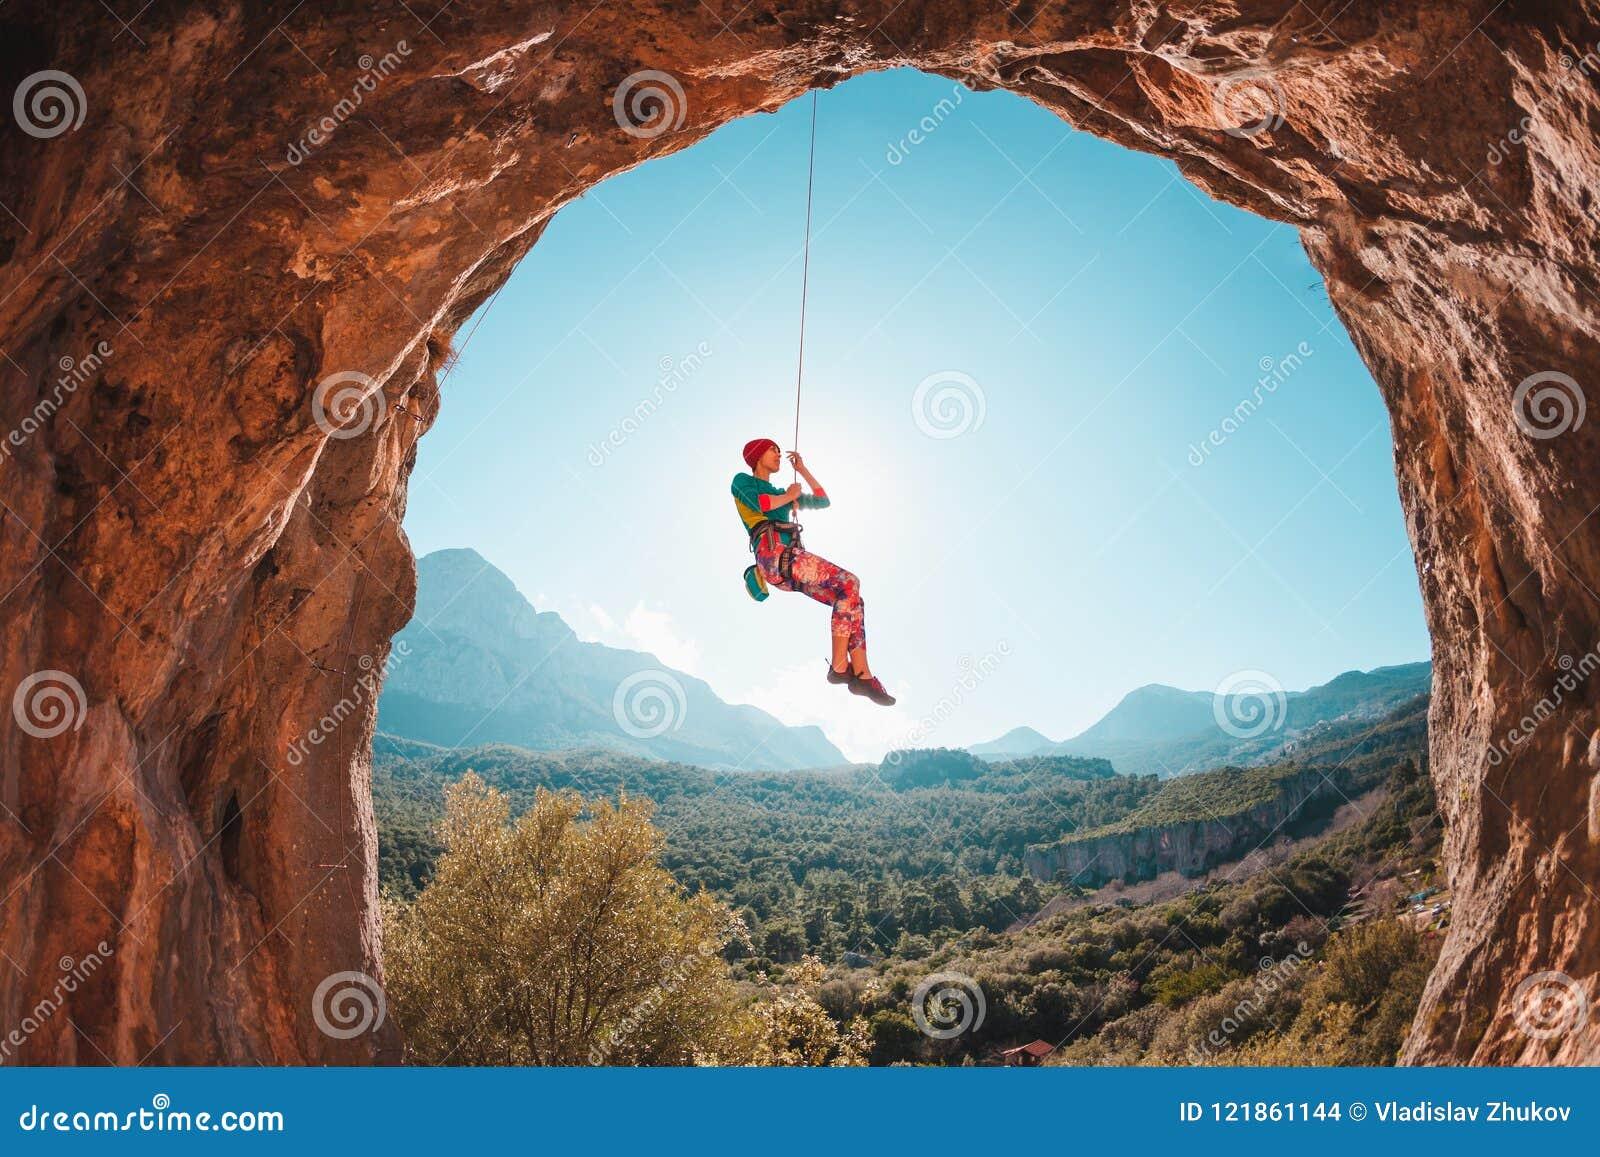 Der Bergsteiger hängt an einem Seil